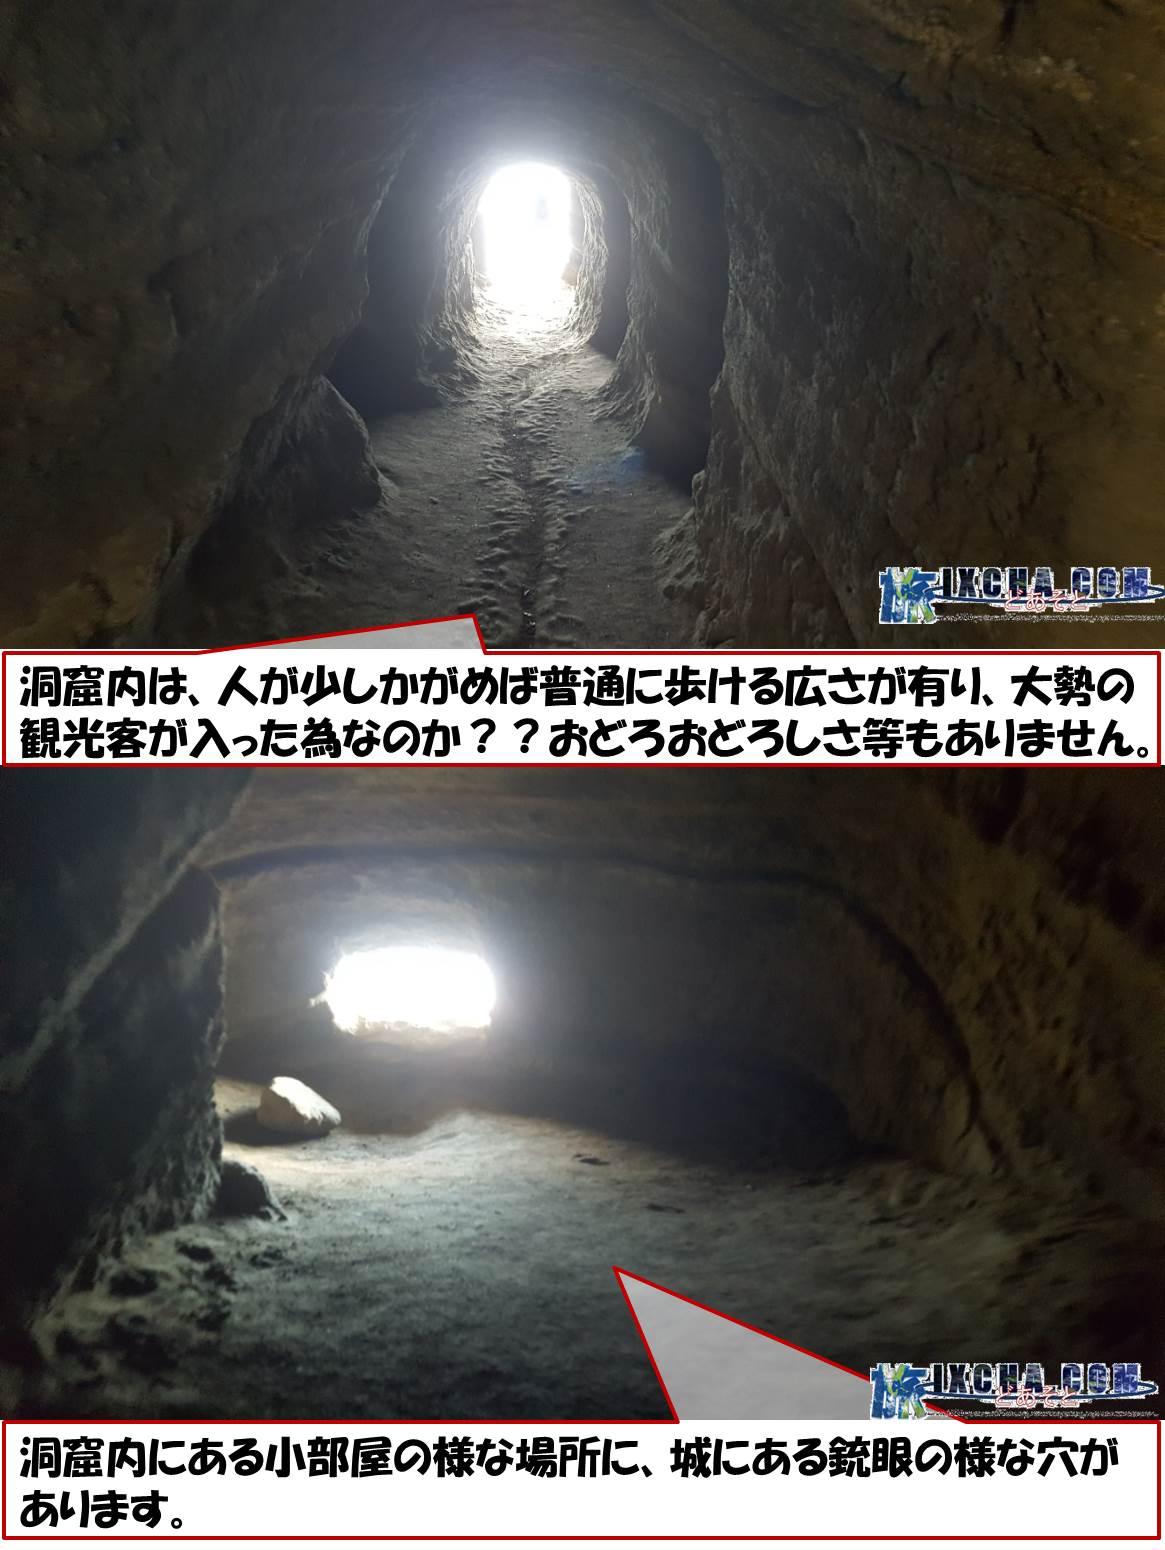 洞窟内は、人が少しかがめば普通に歩ける広さが有り、大勢の観光客が入った為なのか??おどろおどろしさ等もありません。 洞窟内にある小部屋の様な場所に、城にある銃眼の様な穴があります。